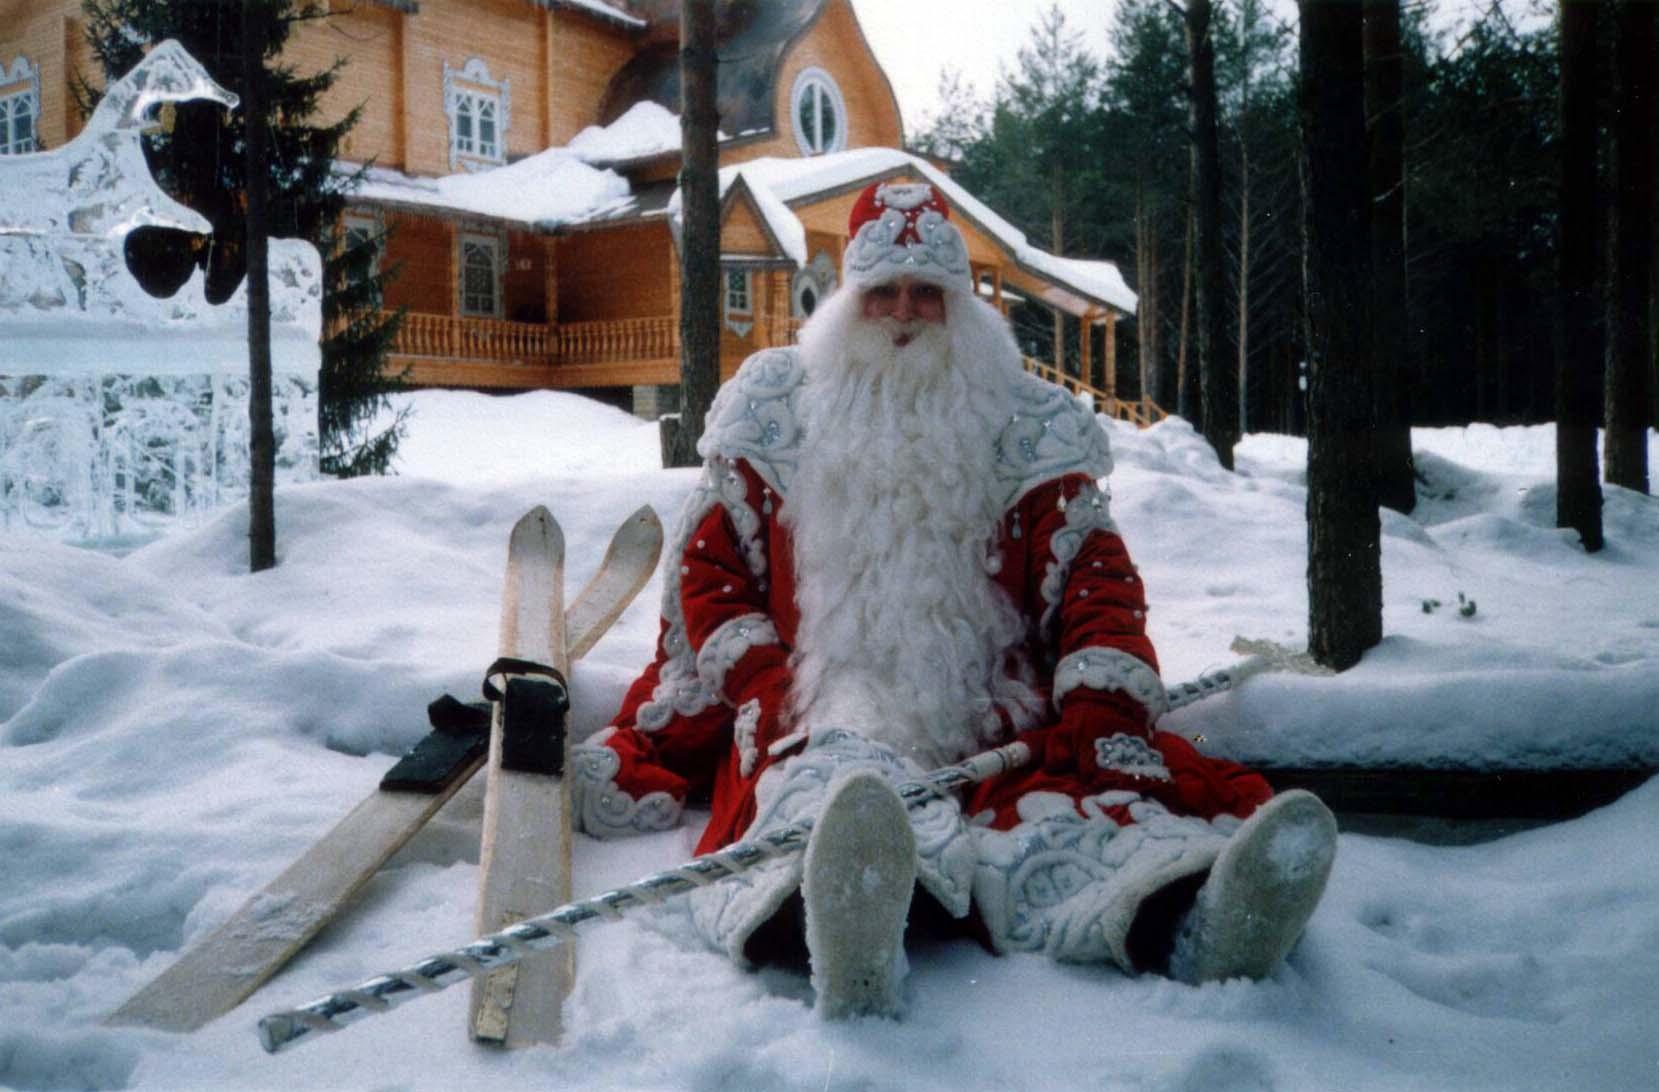 Вологодское правительство предрекает 45 тысяч туристов в Великий Устюг на новогодние каникулы